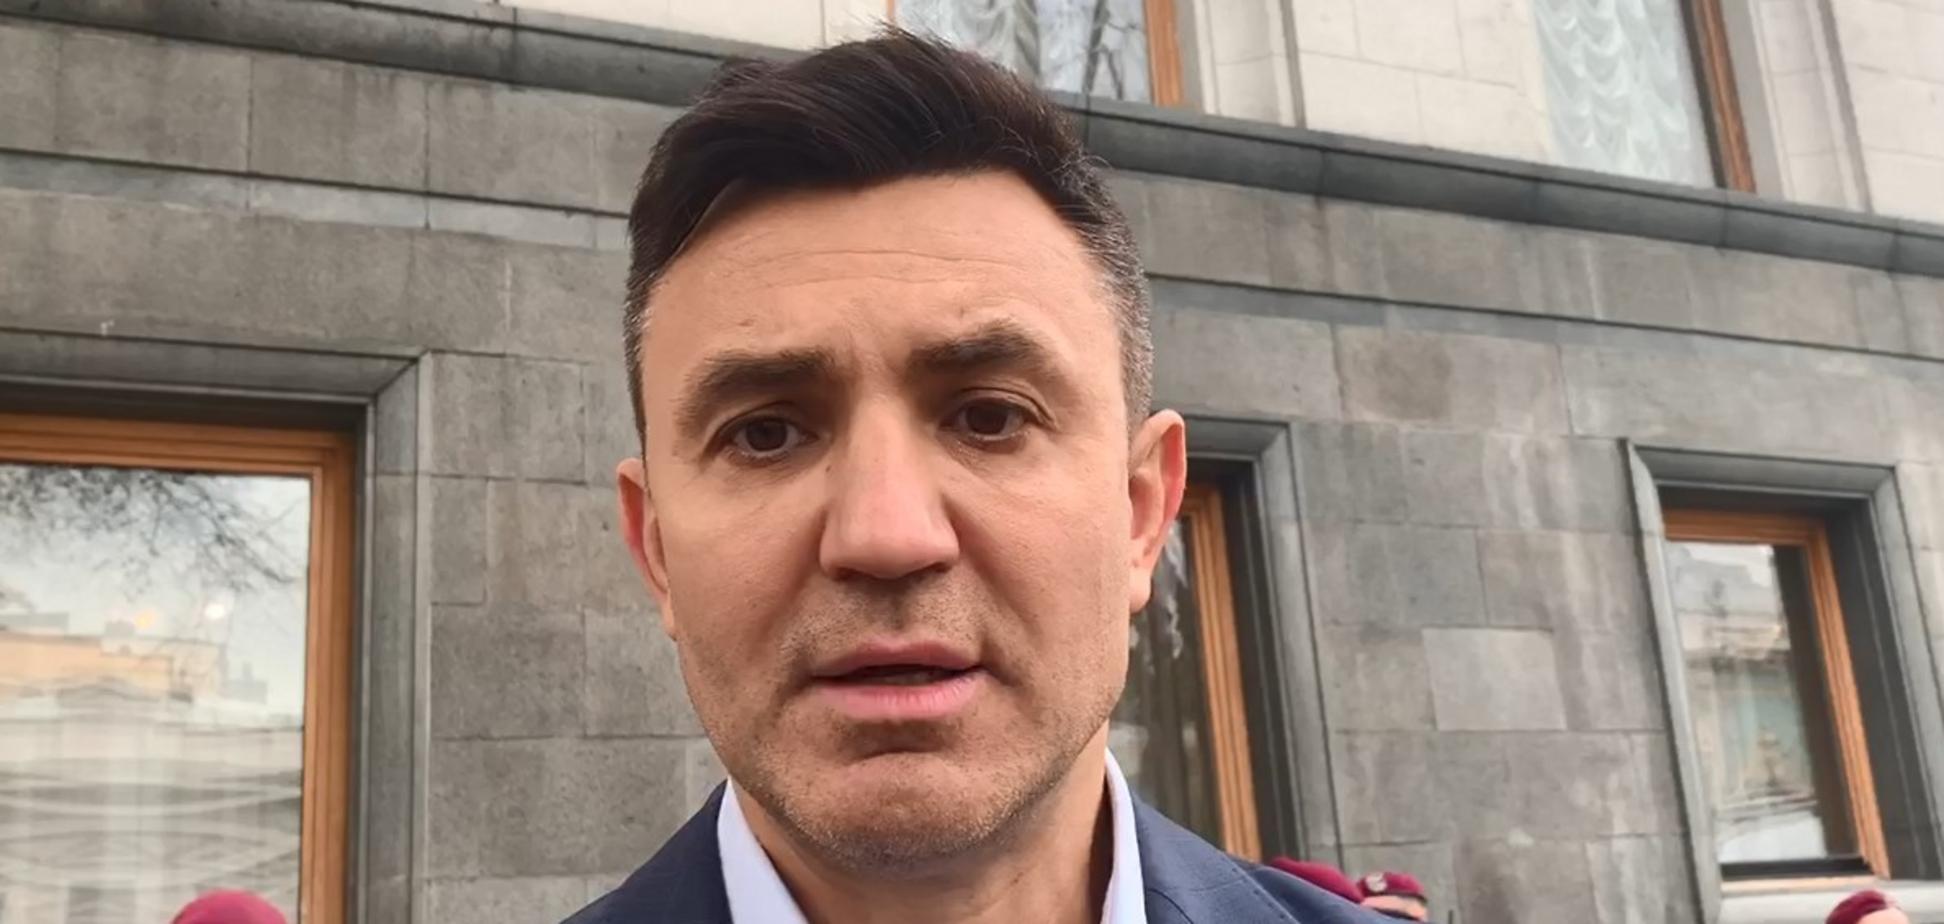 Тищенко: скандал навколо вечірки – це замовлення міністра, а до салюту я не маю стосунку